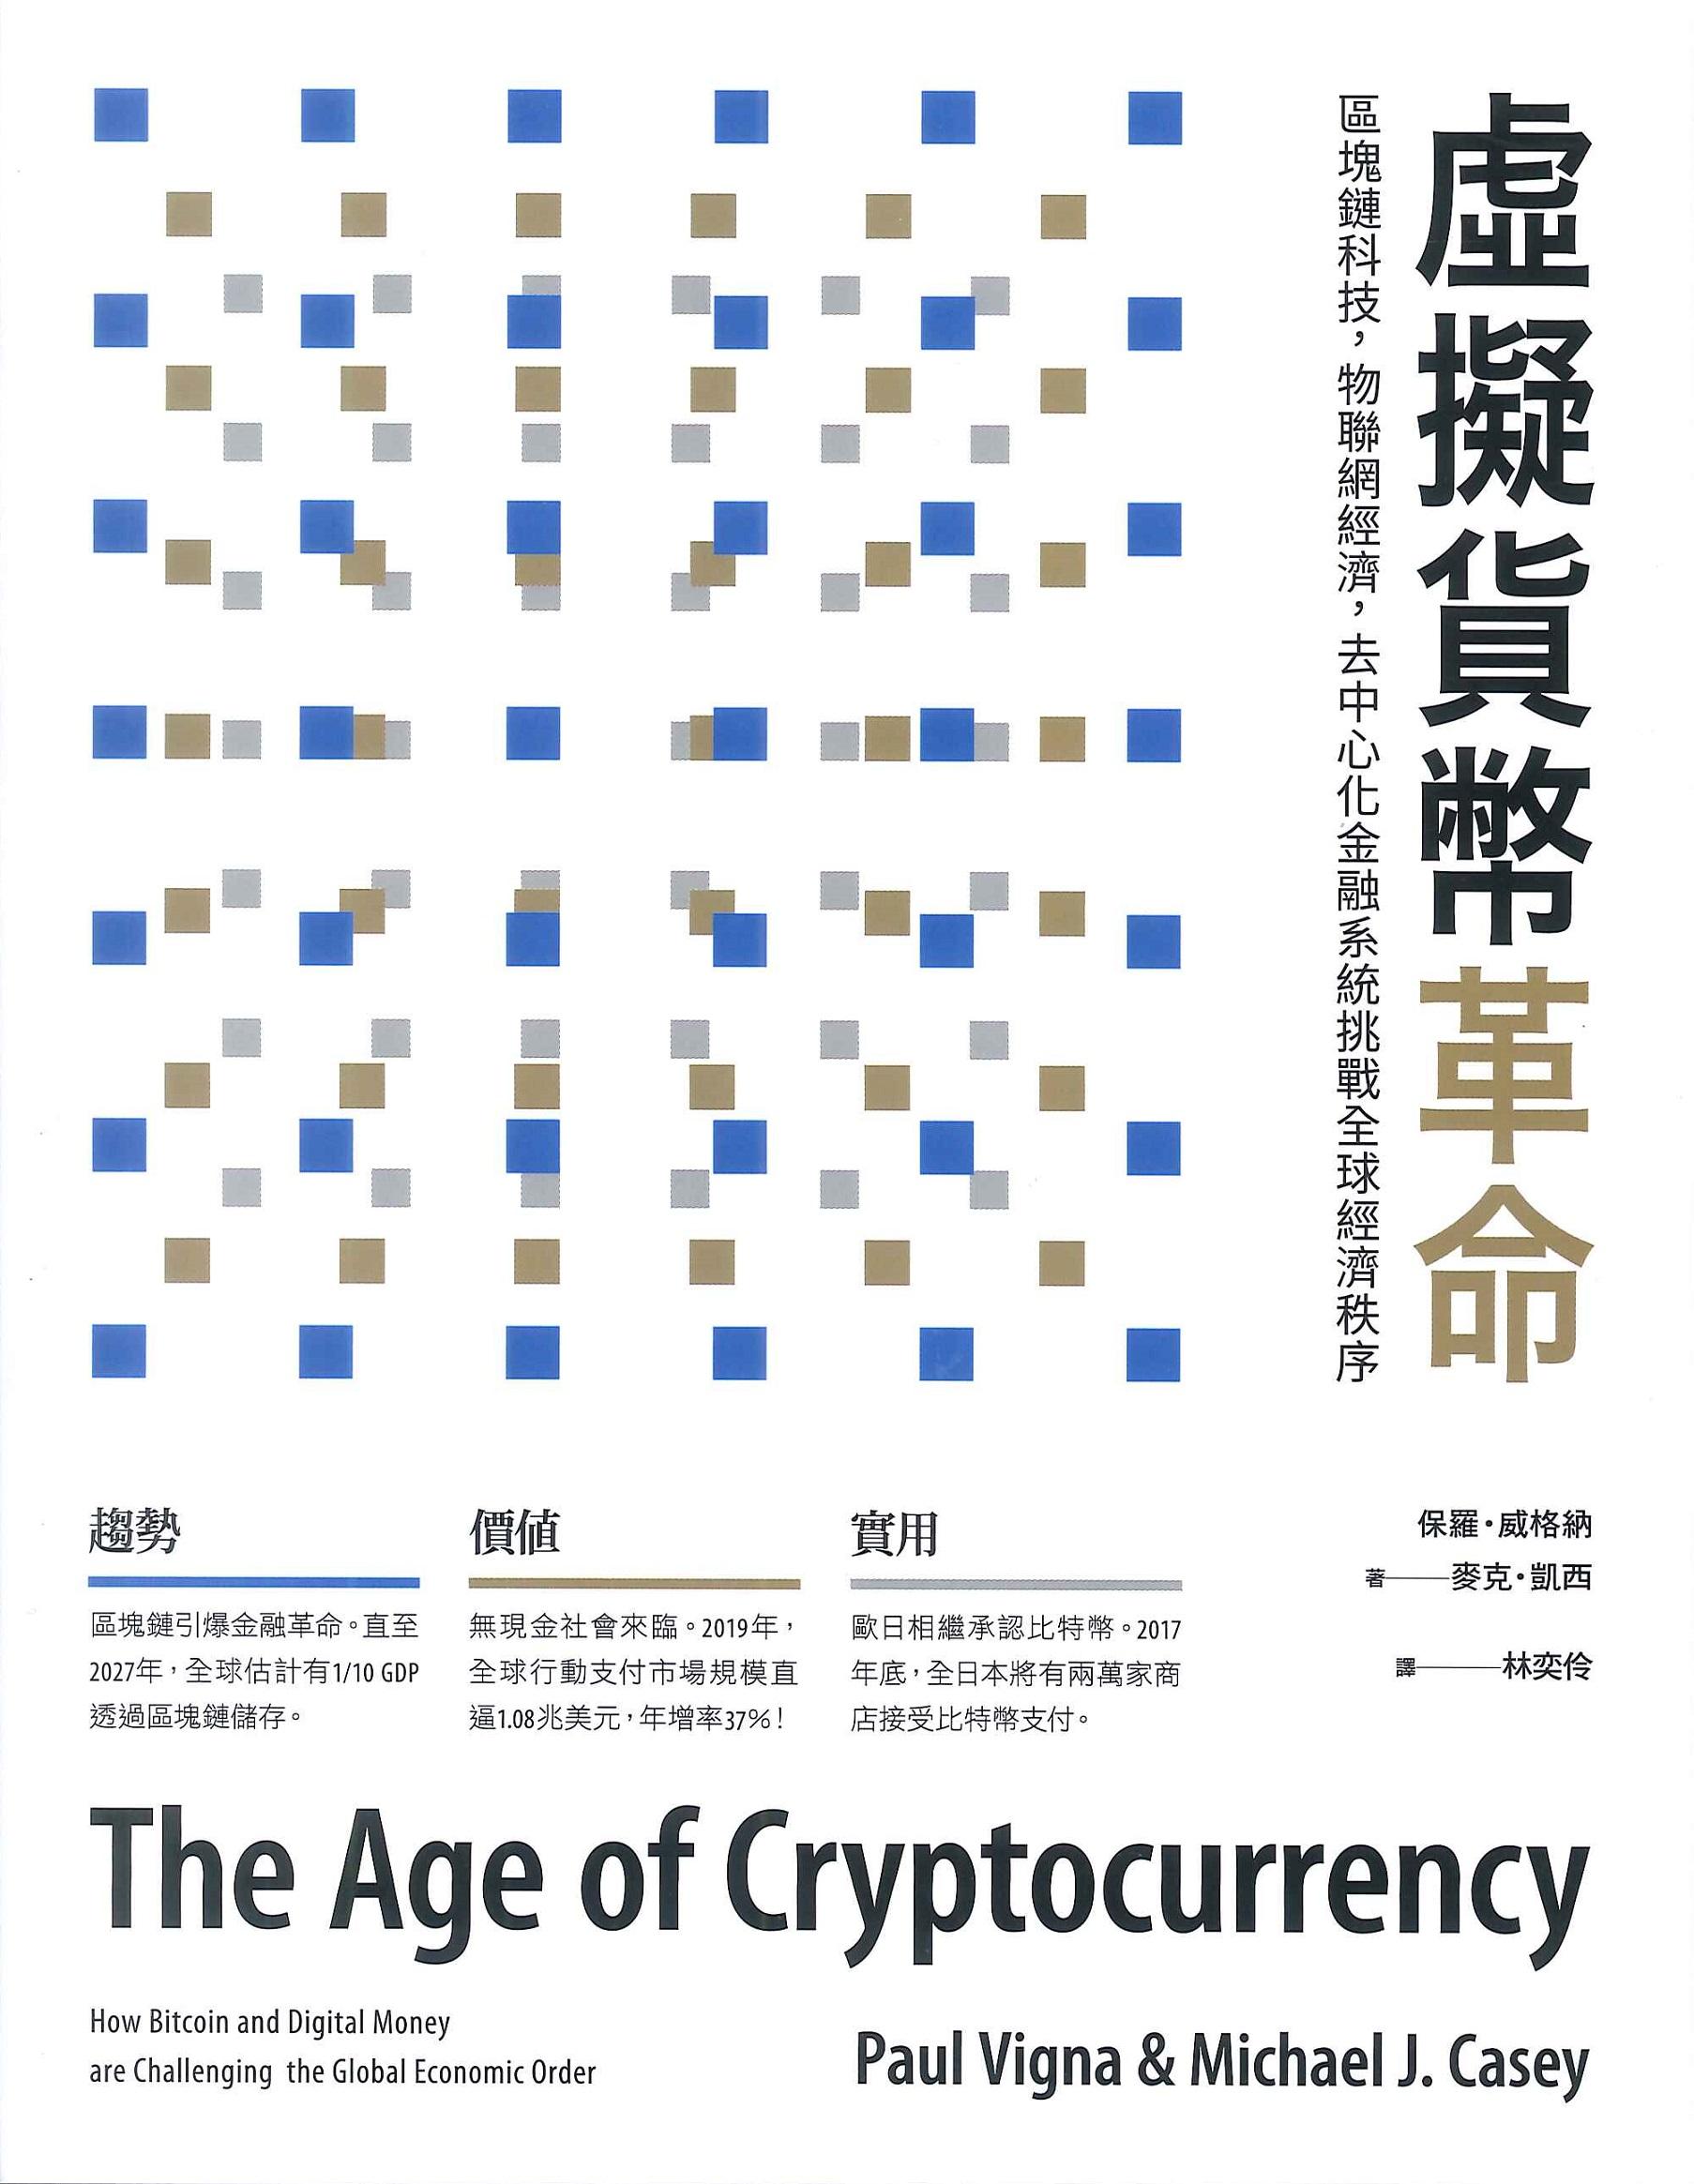 虛擬貨幣革命:區塊鏈科技,物聯網經濟,去中心化金融系統挑戰全球經濟秩序